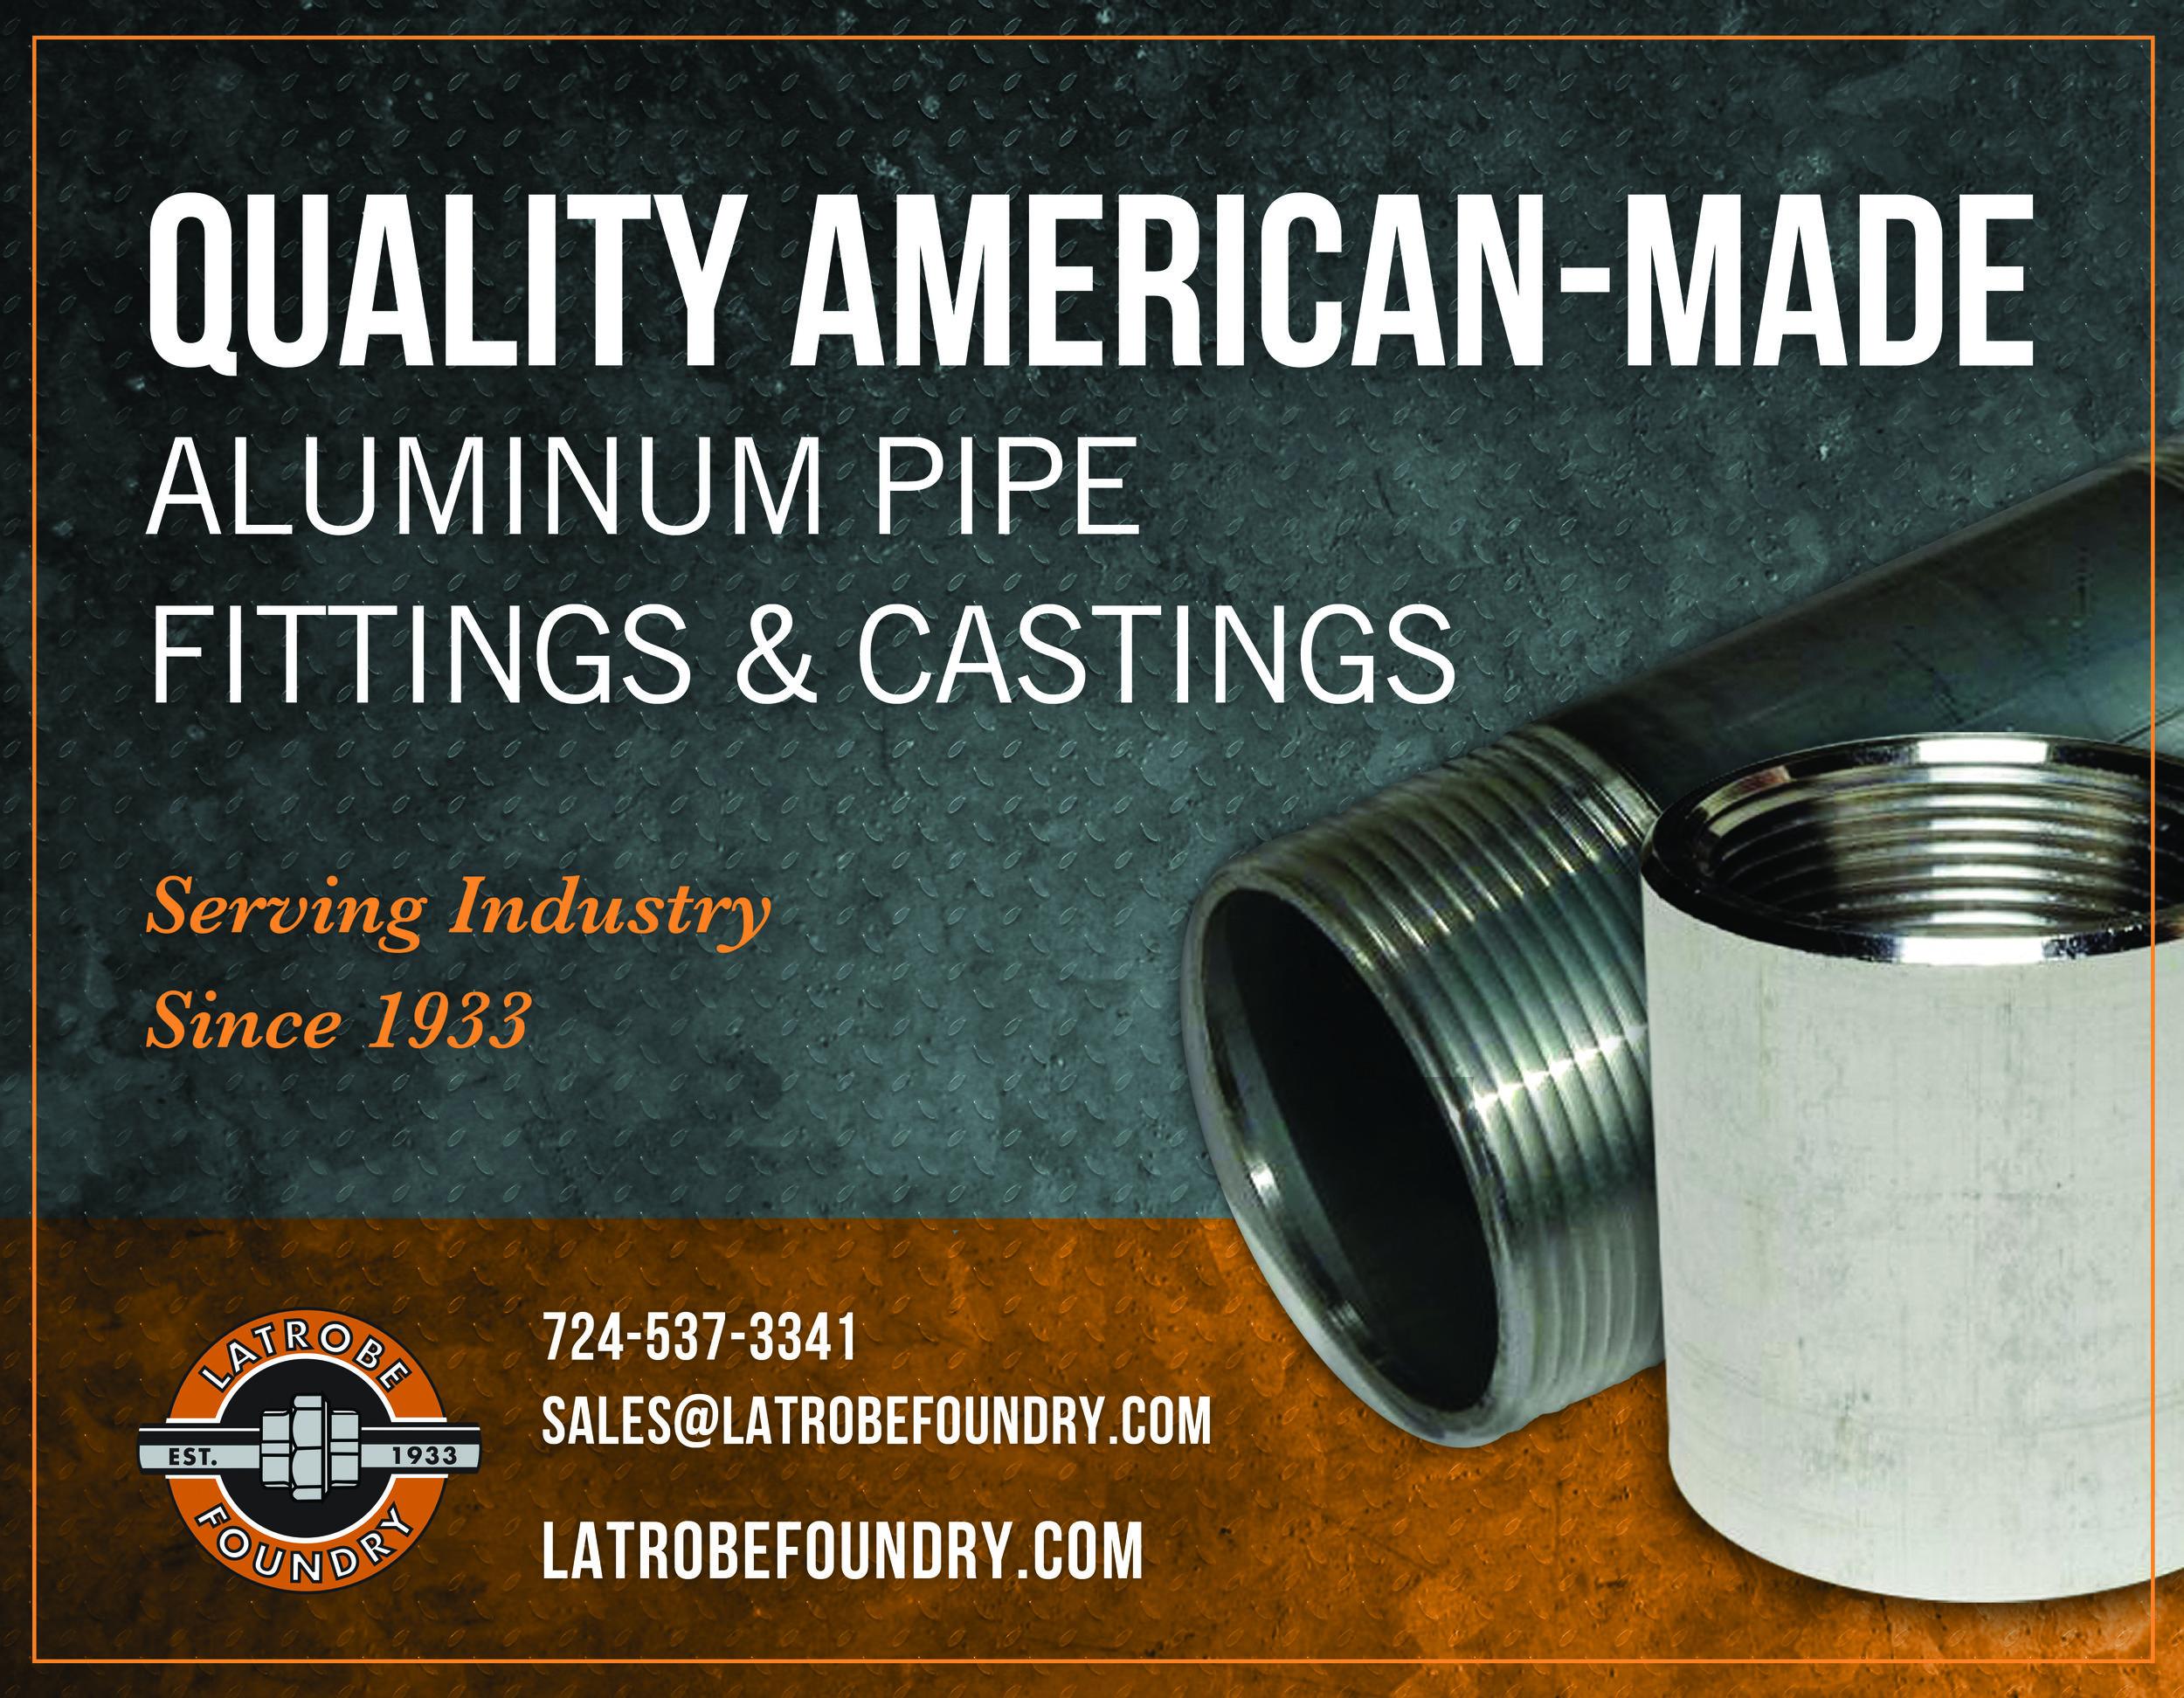 Latrobe Foundry Horizontal Ad